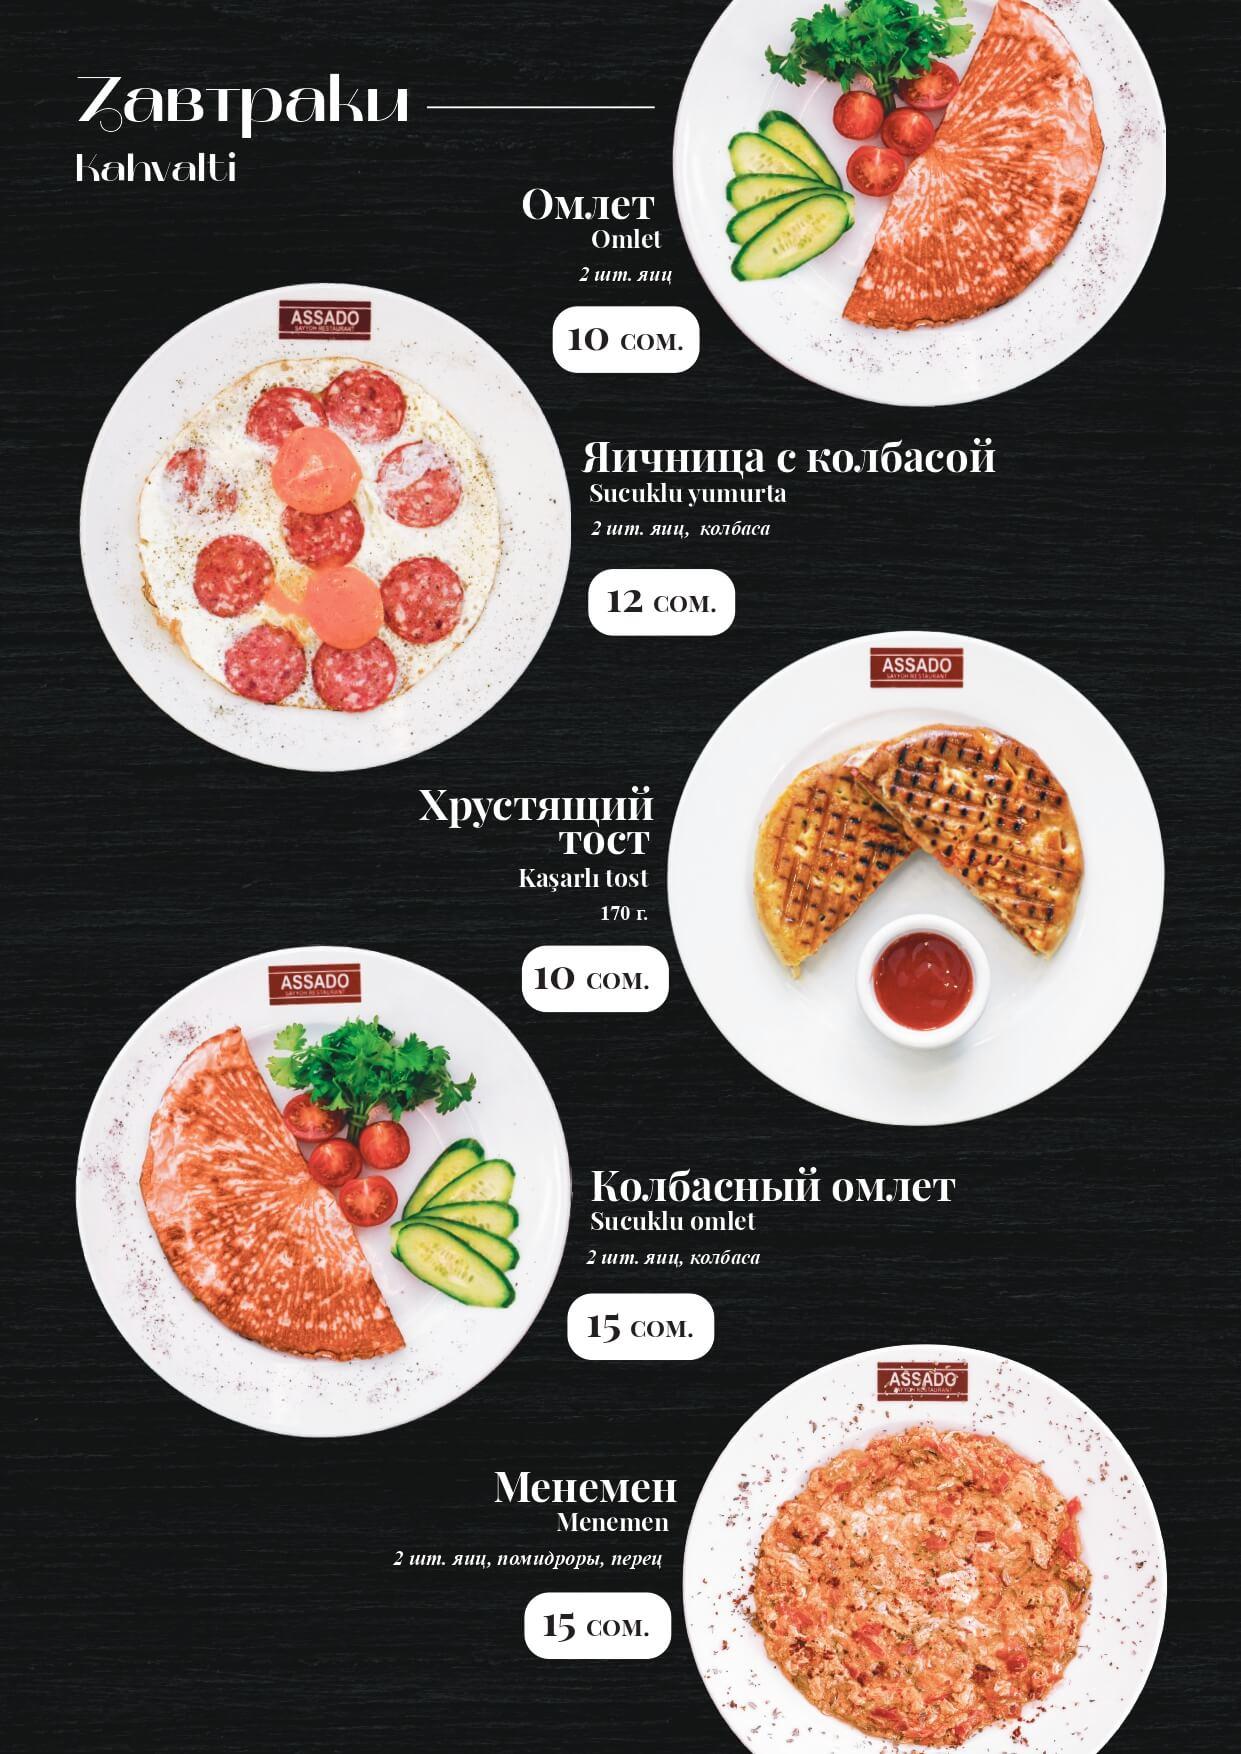 Assado_menu_page-0003